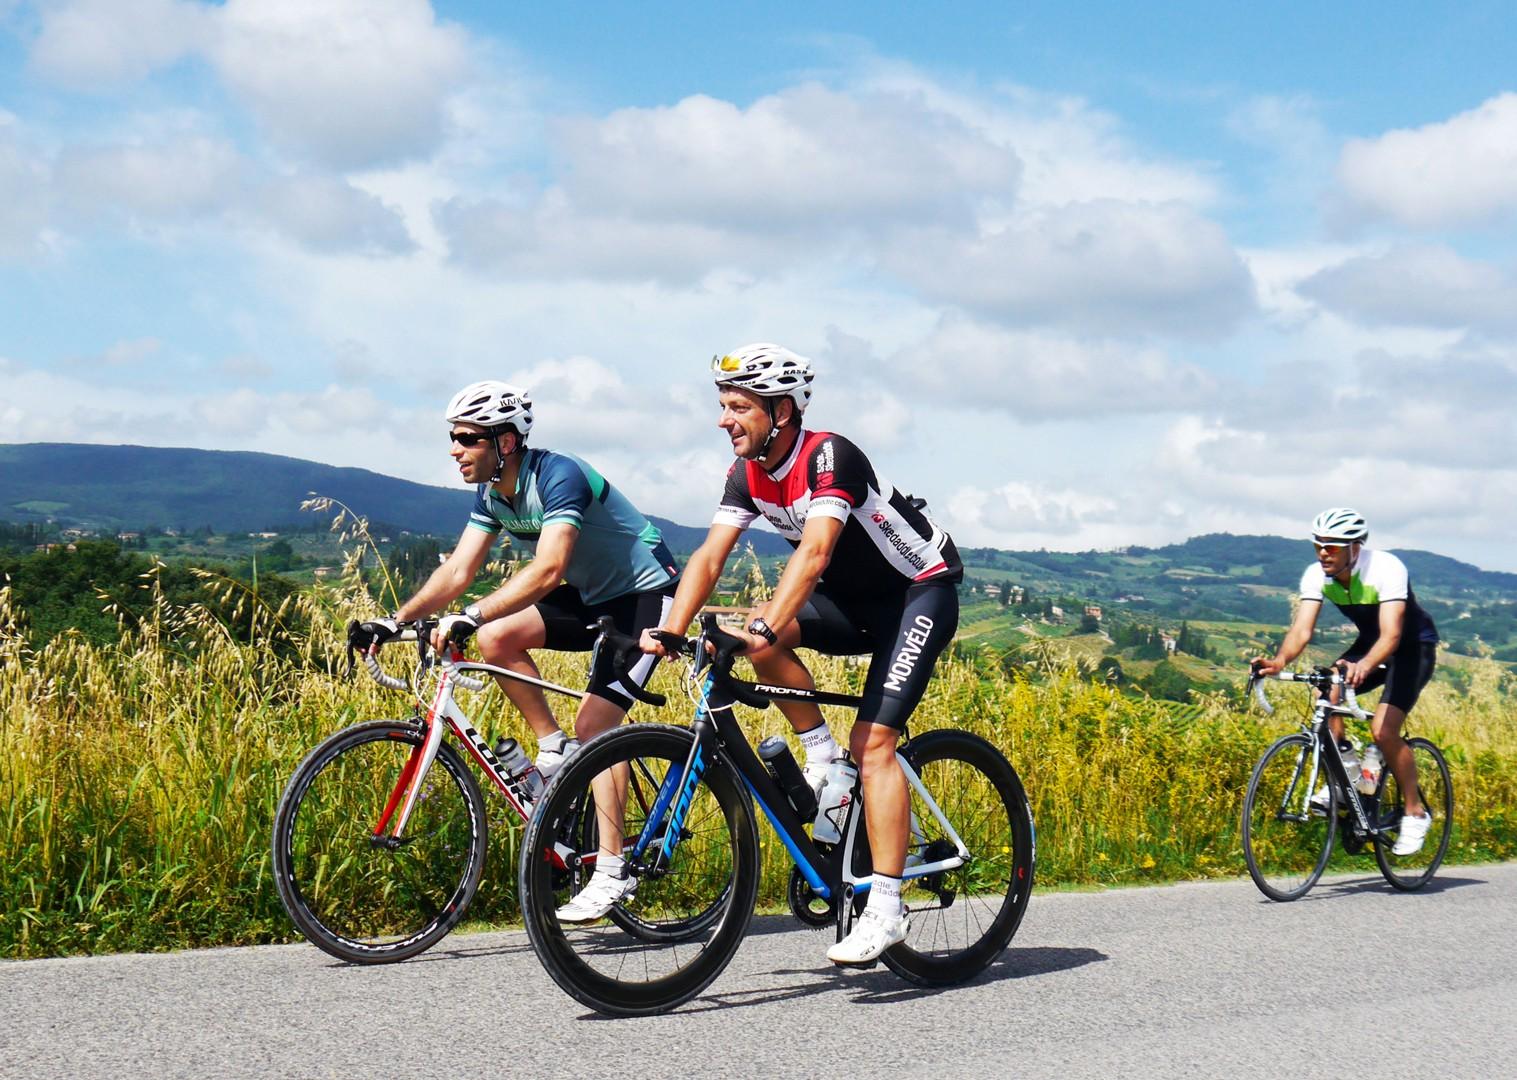 italy-tuscany-guided-cycling-holiday.jpg - Italy - Tuscany Tourer - Guided Road Cycling Holiday - Road Cycling